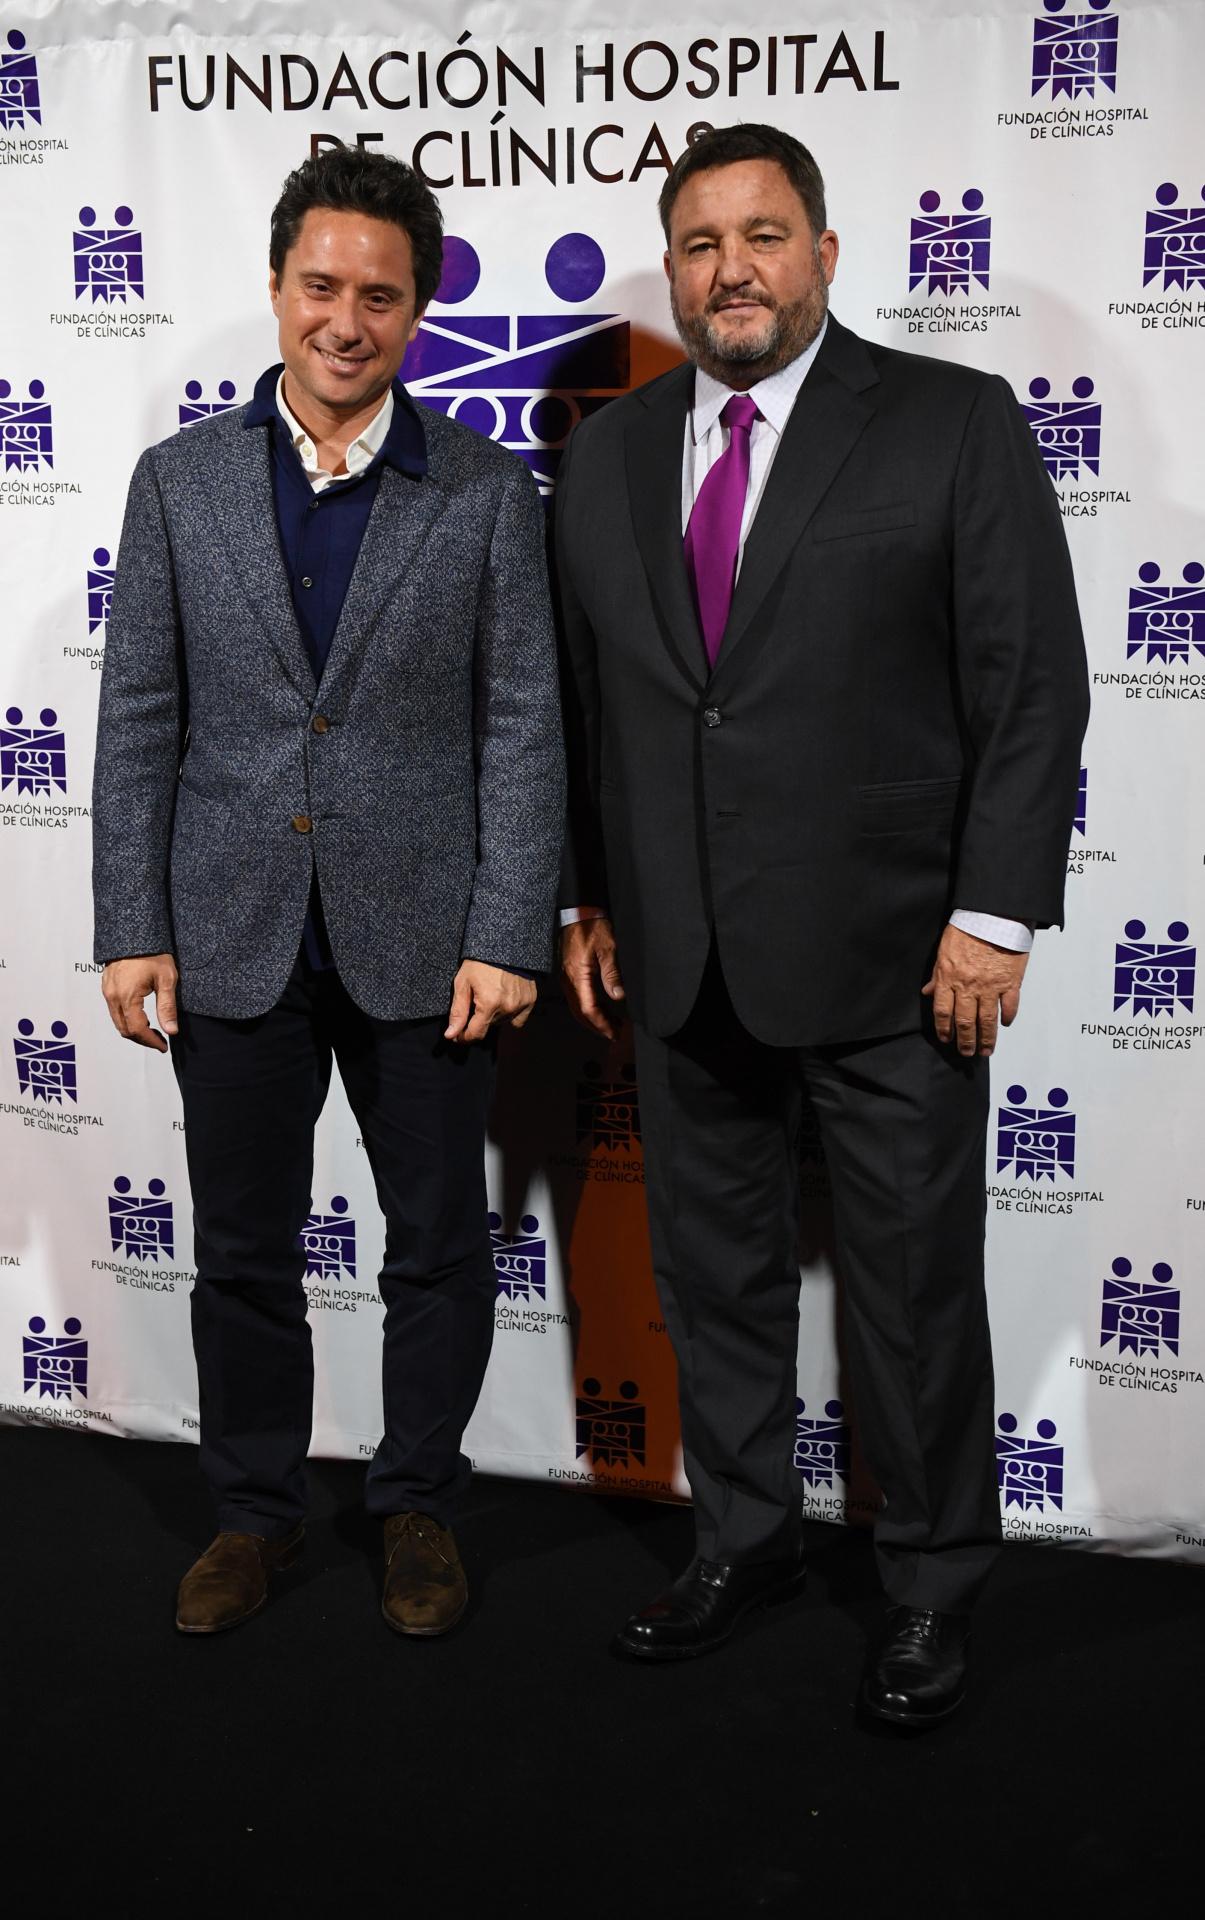 Gabriel Sánchez Zinny, director general de Cultura y Educación de la provincia de Buenos Aires, y Alejandro Macfarlane